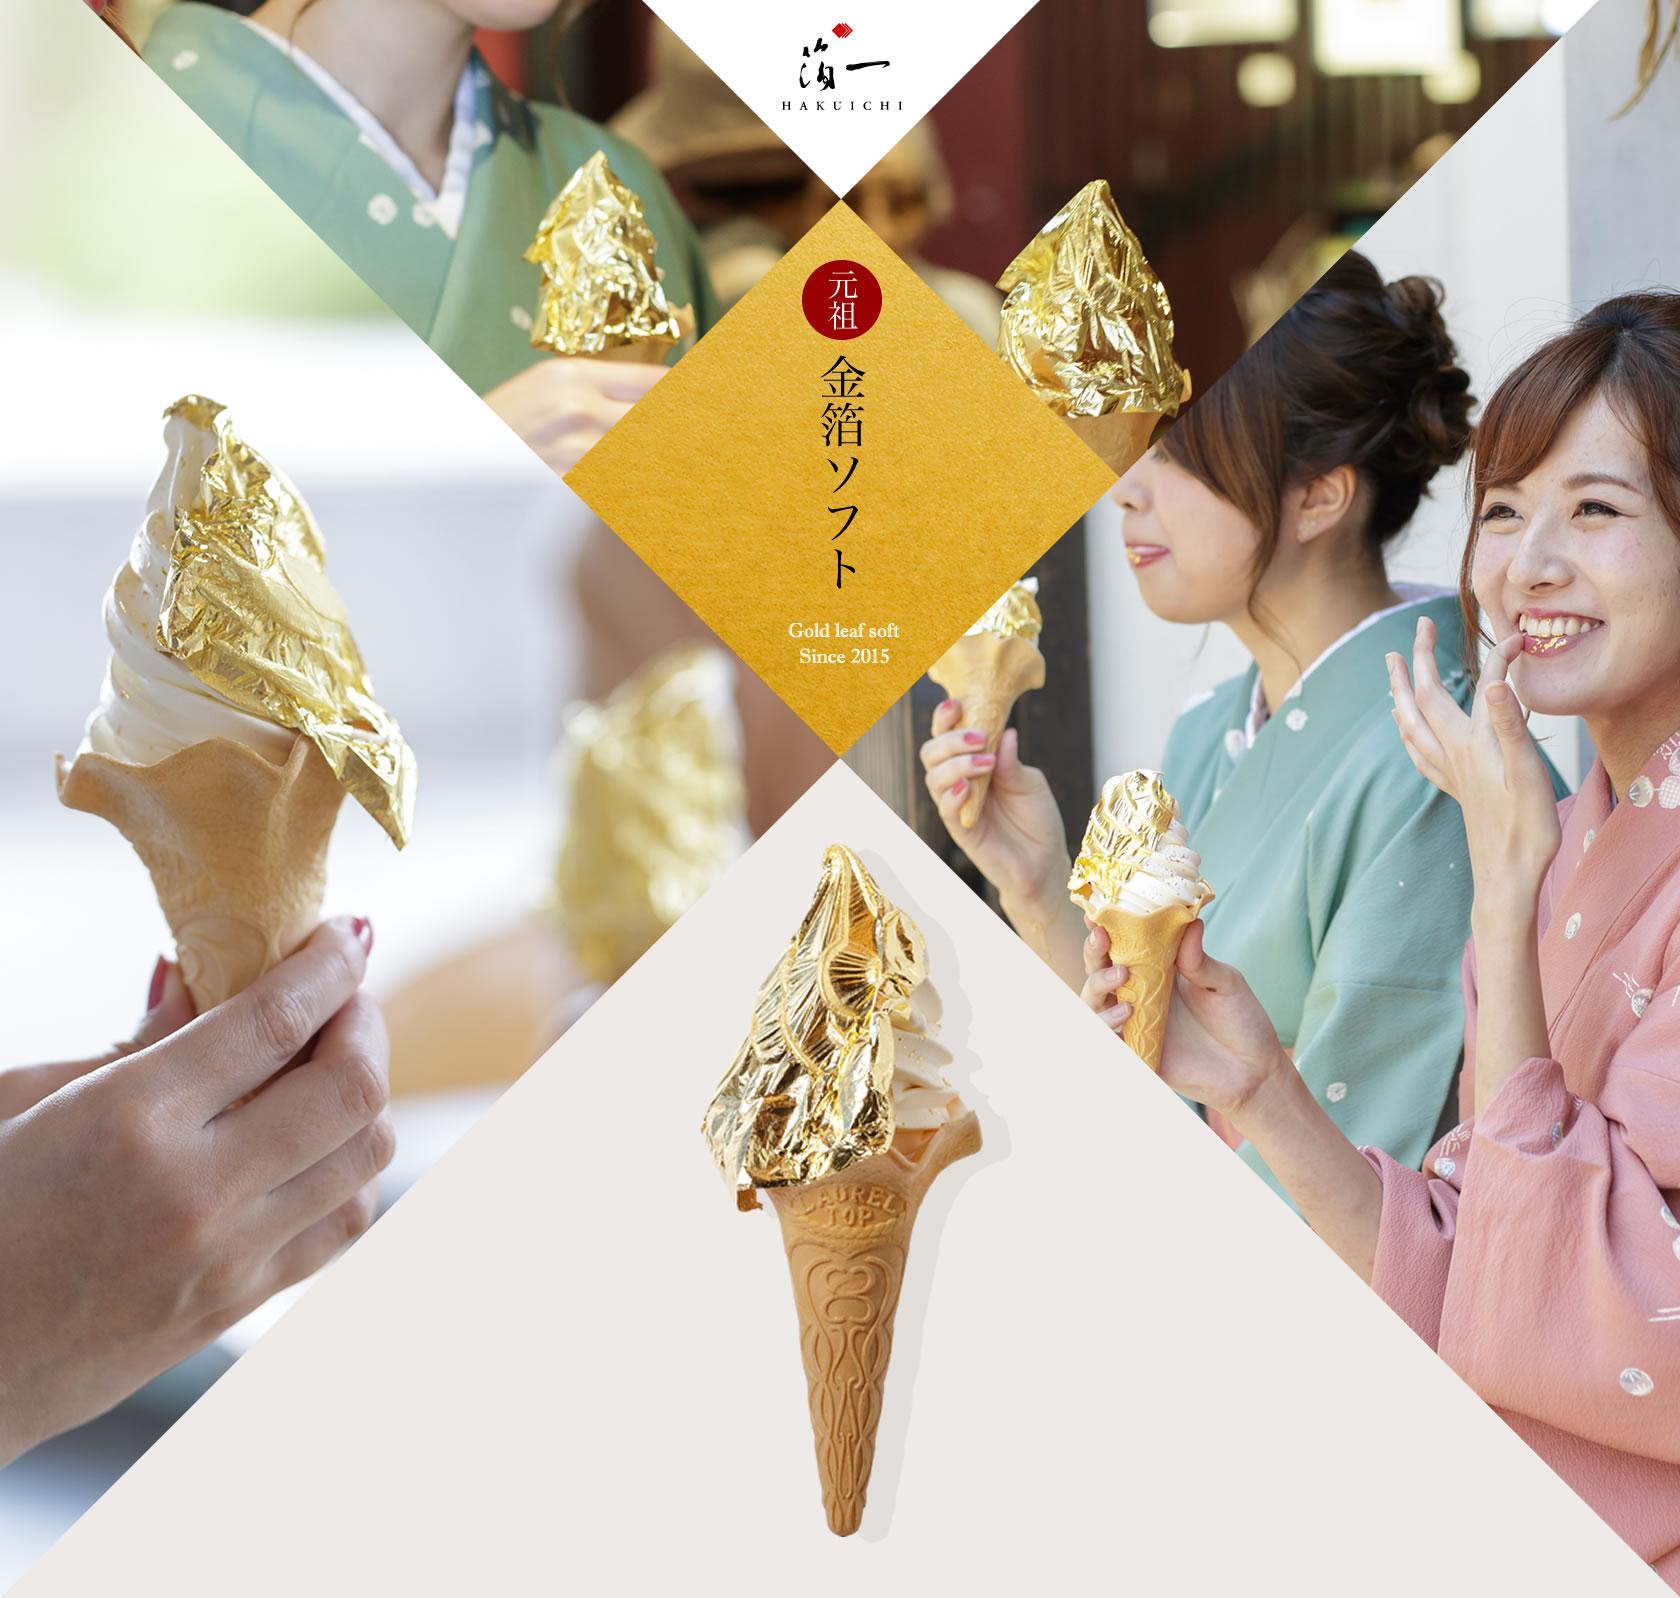 大胆に金箔1枚を纏った贅沢なソフトクリーム(石川県金沢市)【連載:アキラの着目】